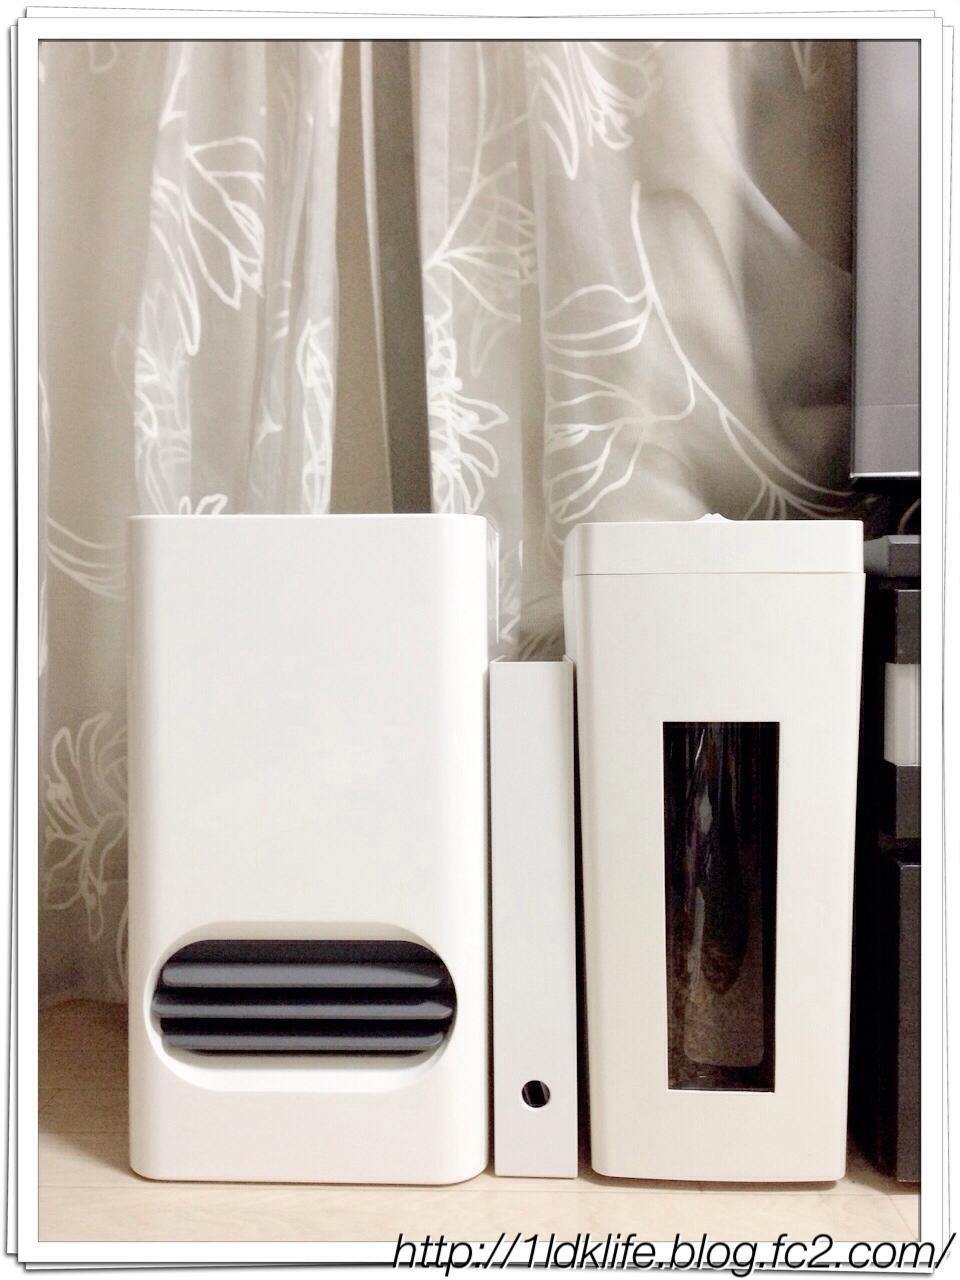 ±0(プラスマイナスゼロ) 加湿機能付きセラミックファンヒーター XHH-X210-W